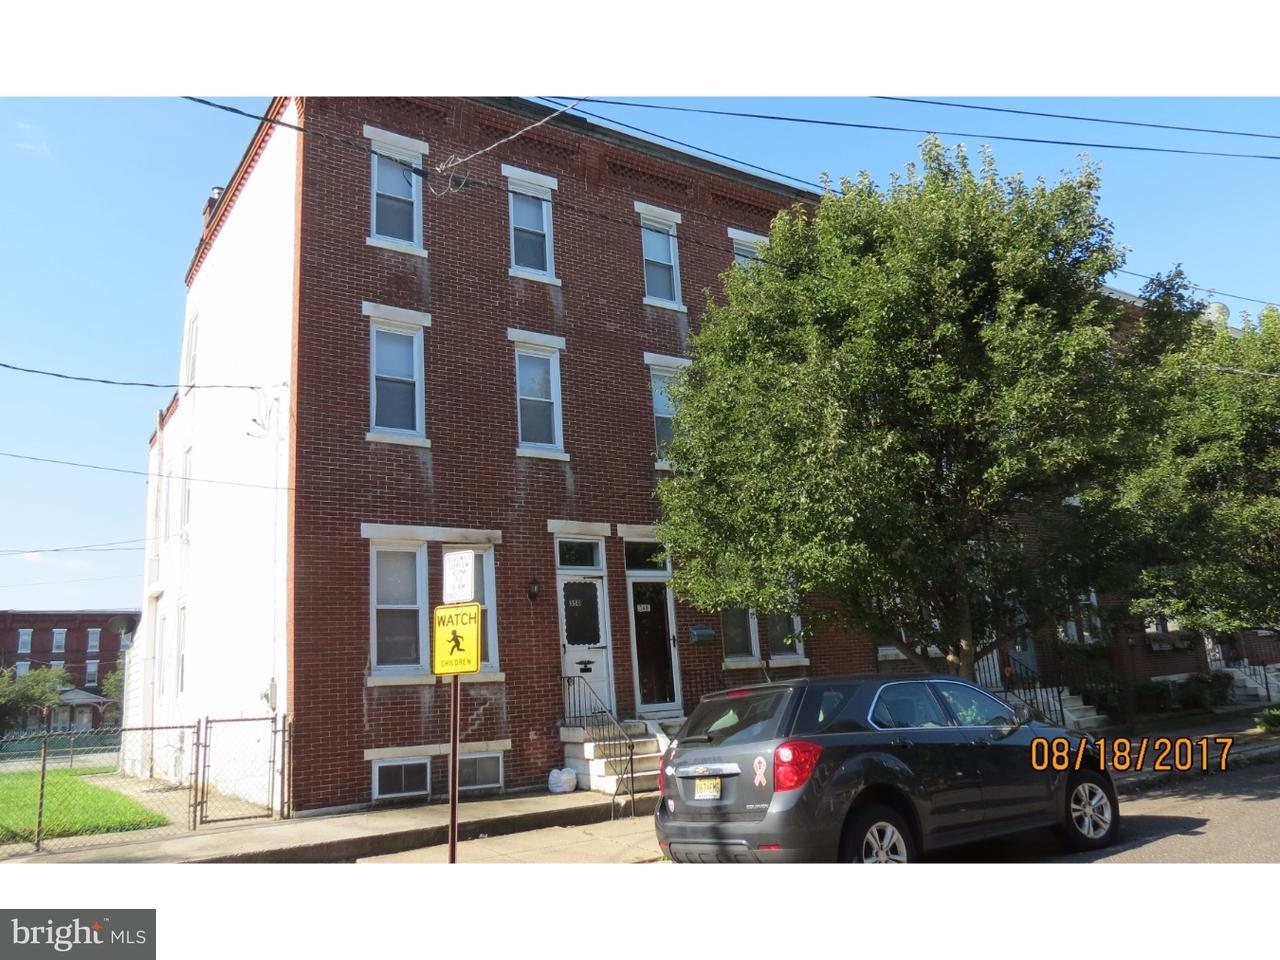 Casa unifamiliar adosada (Townhouse) por un Alquiler en 350 PENN Street Burlington, Nueva Jersey 08016 Estados Unidos